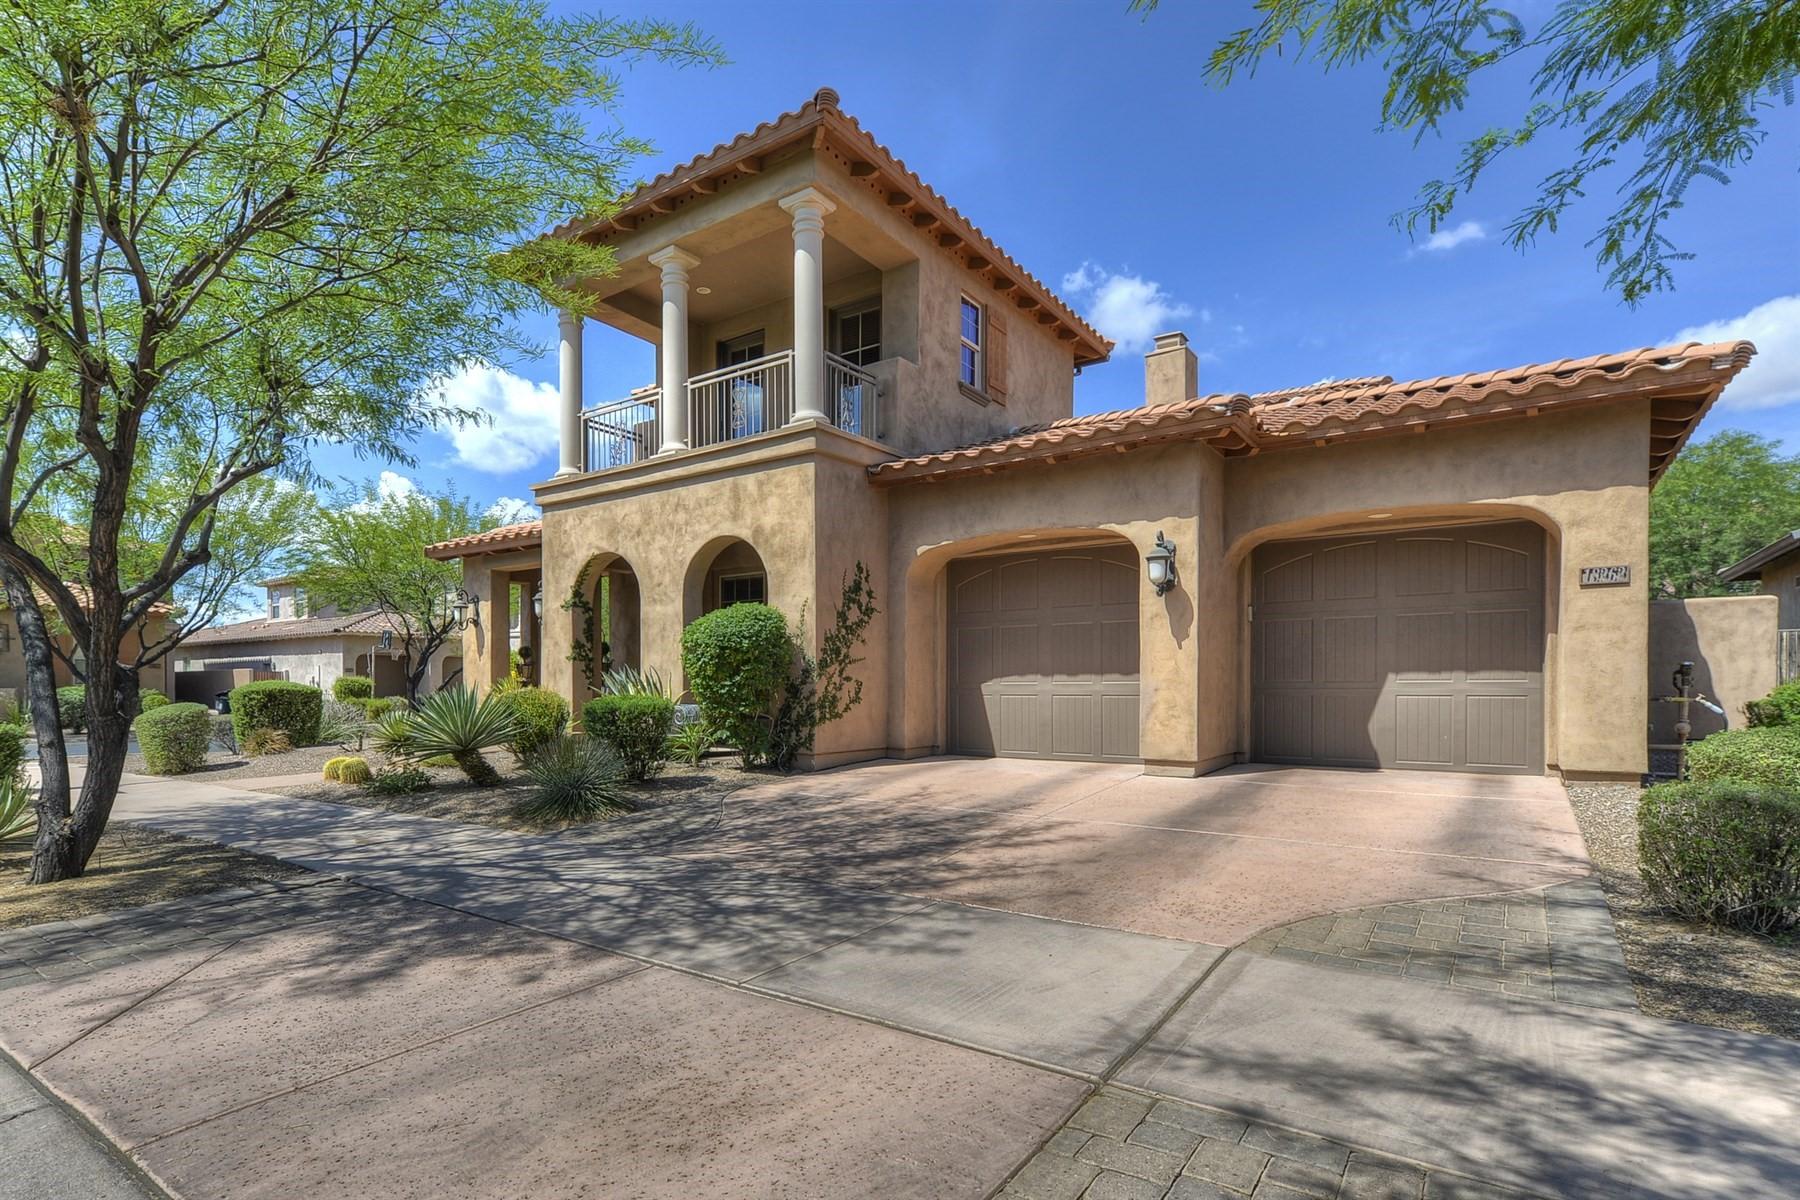 Частный односемейный дом для того Продажа на Beautiful home in the gated Parks Community of DC Ranch 18262 N 94th Way Scottsdale, Аризона, 85255 Соединенные Штаты